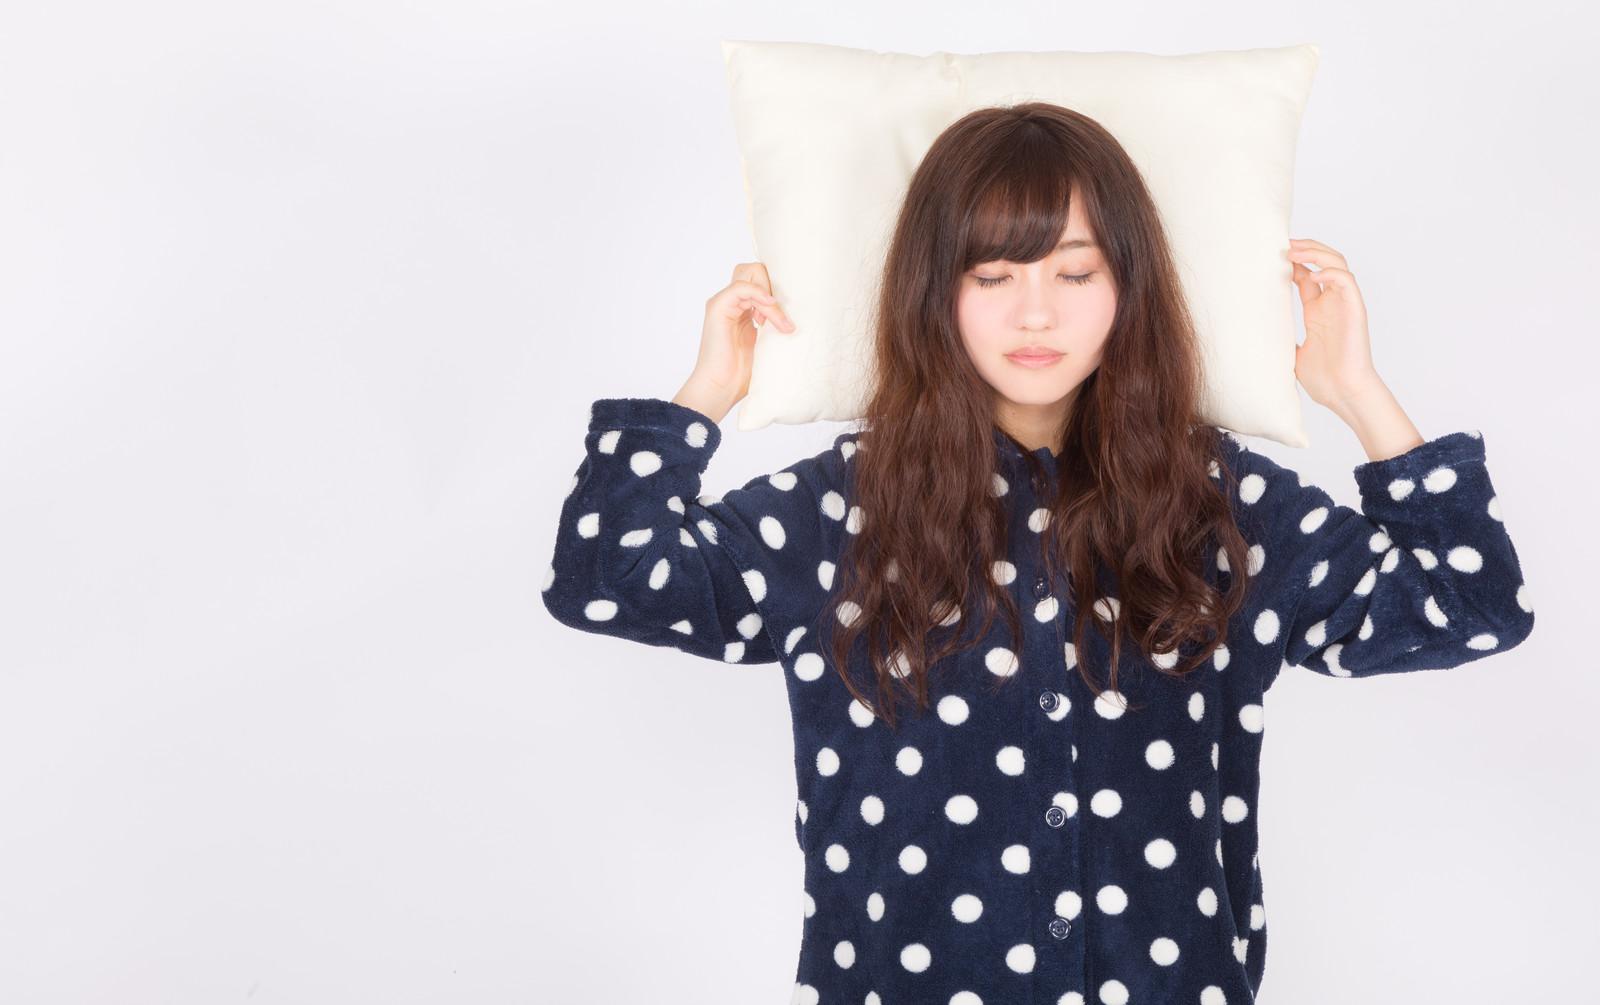 枕を持って眠る女性の画像